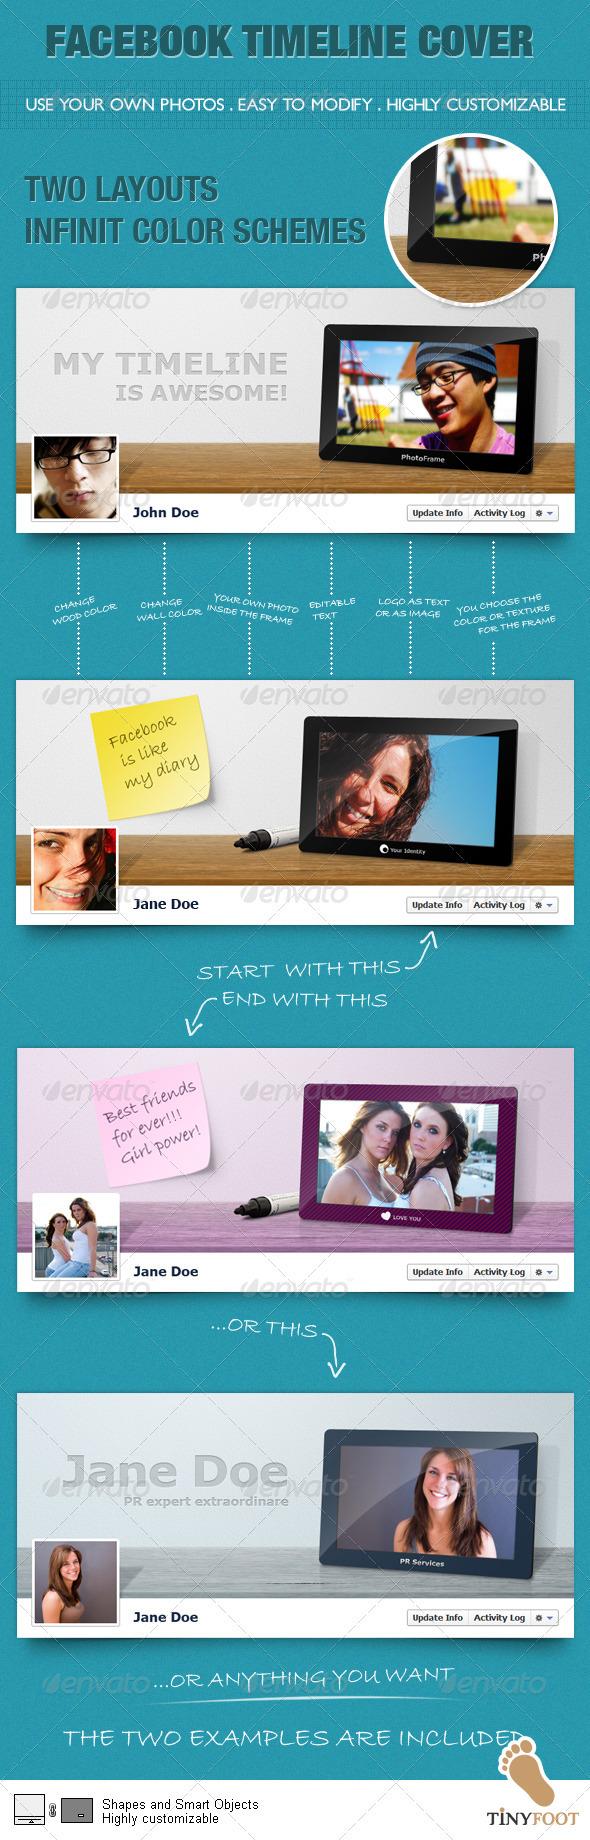 Facebook Timeline Cover 1.0 - Facebook Timeline Covers Social Media